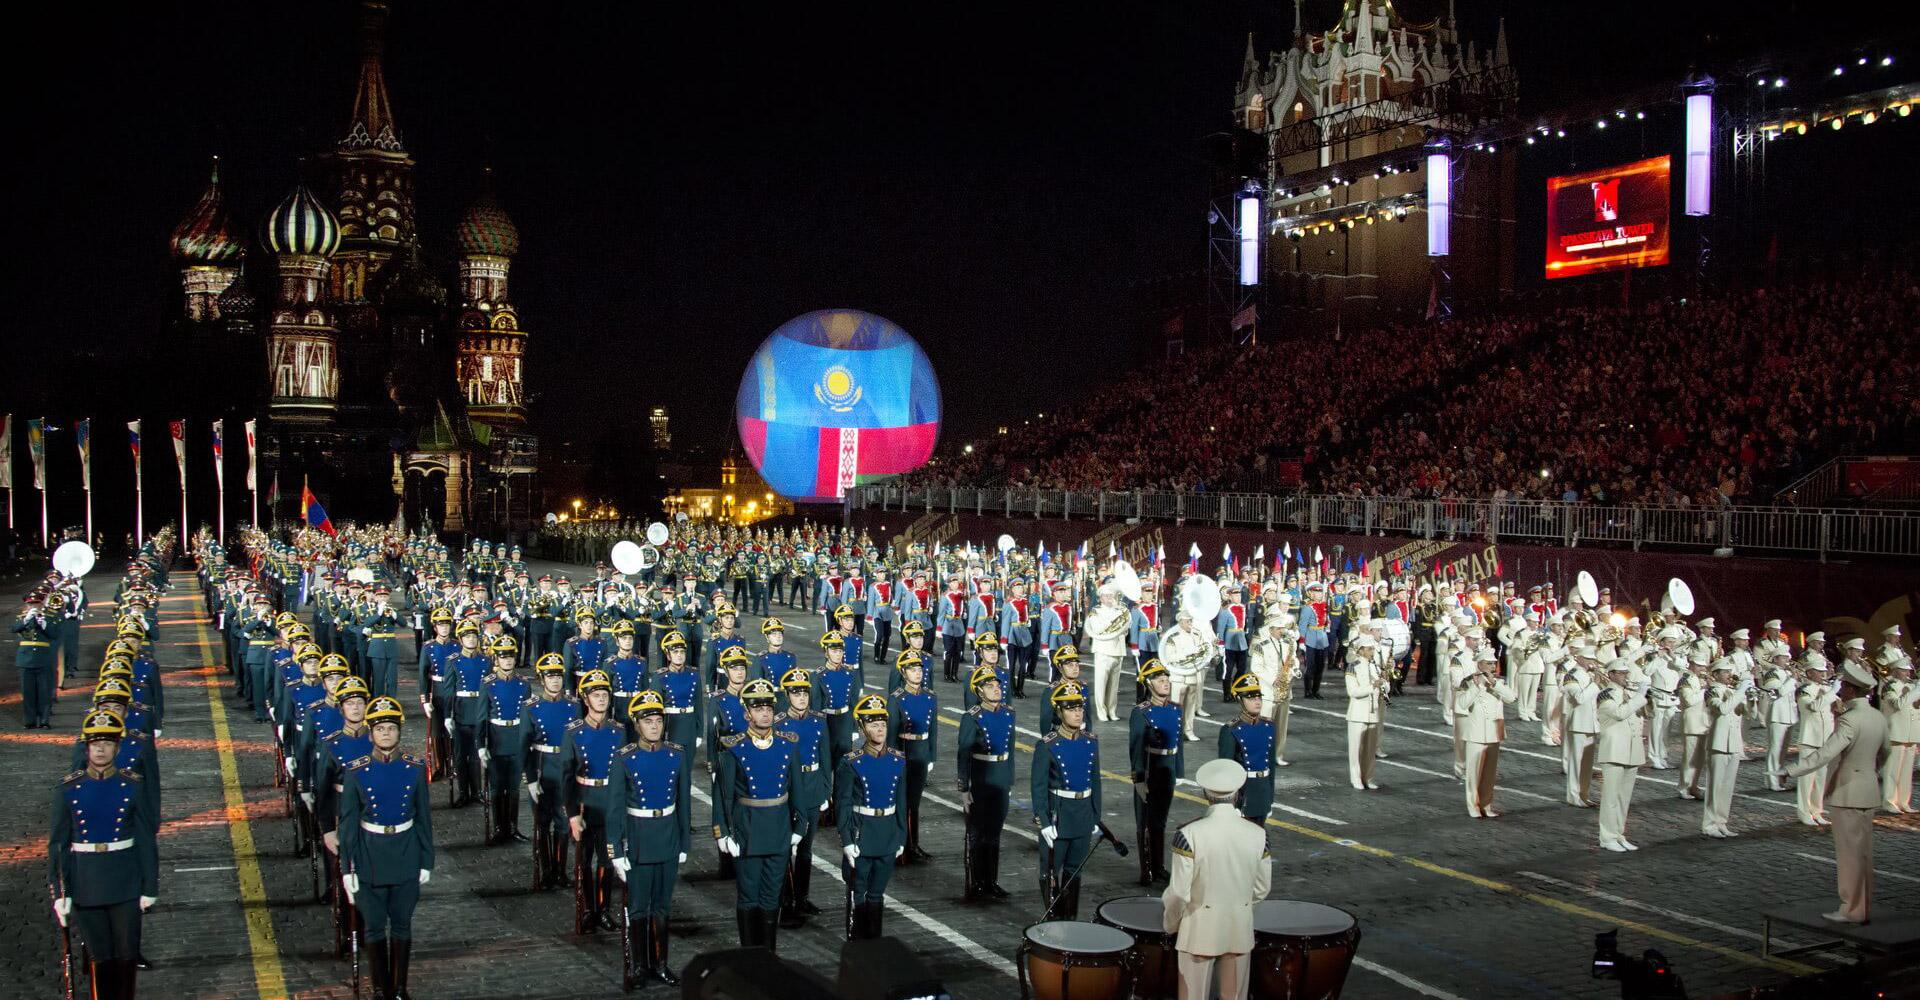 Билеты на Фестиваль «Спасская башня» 2020 на Красной площади. Забронировать на сайте 0+